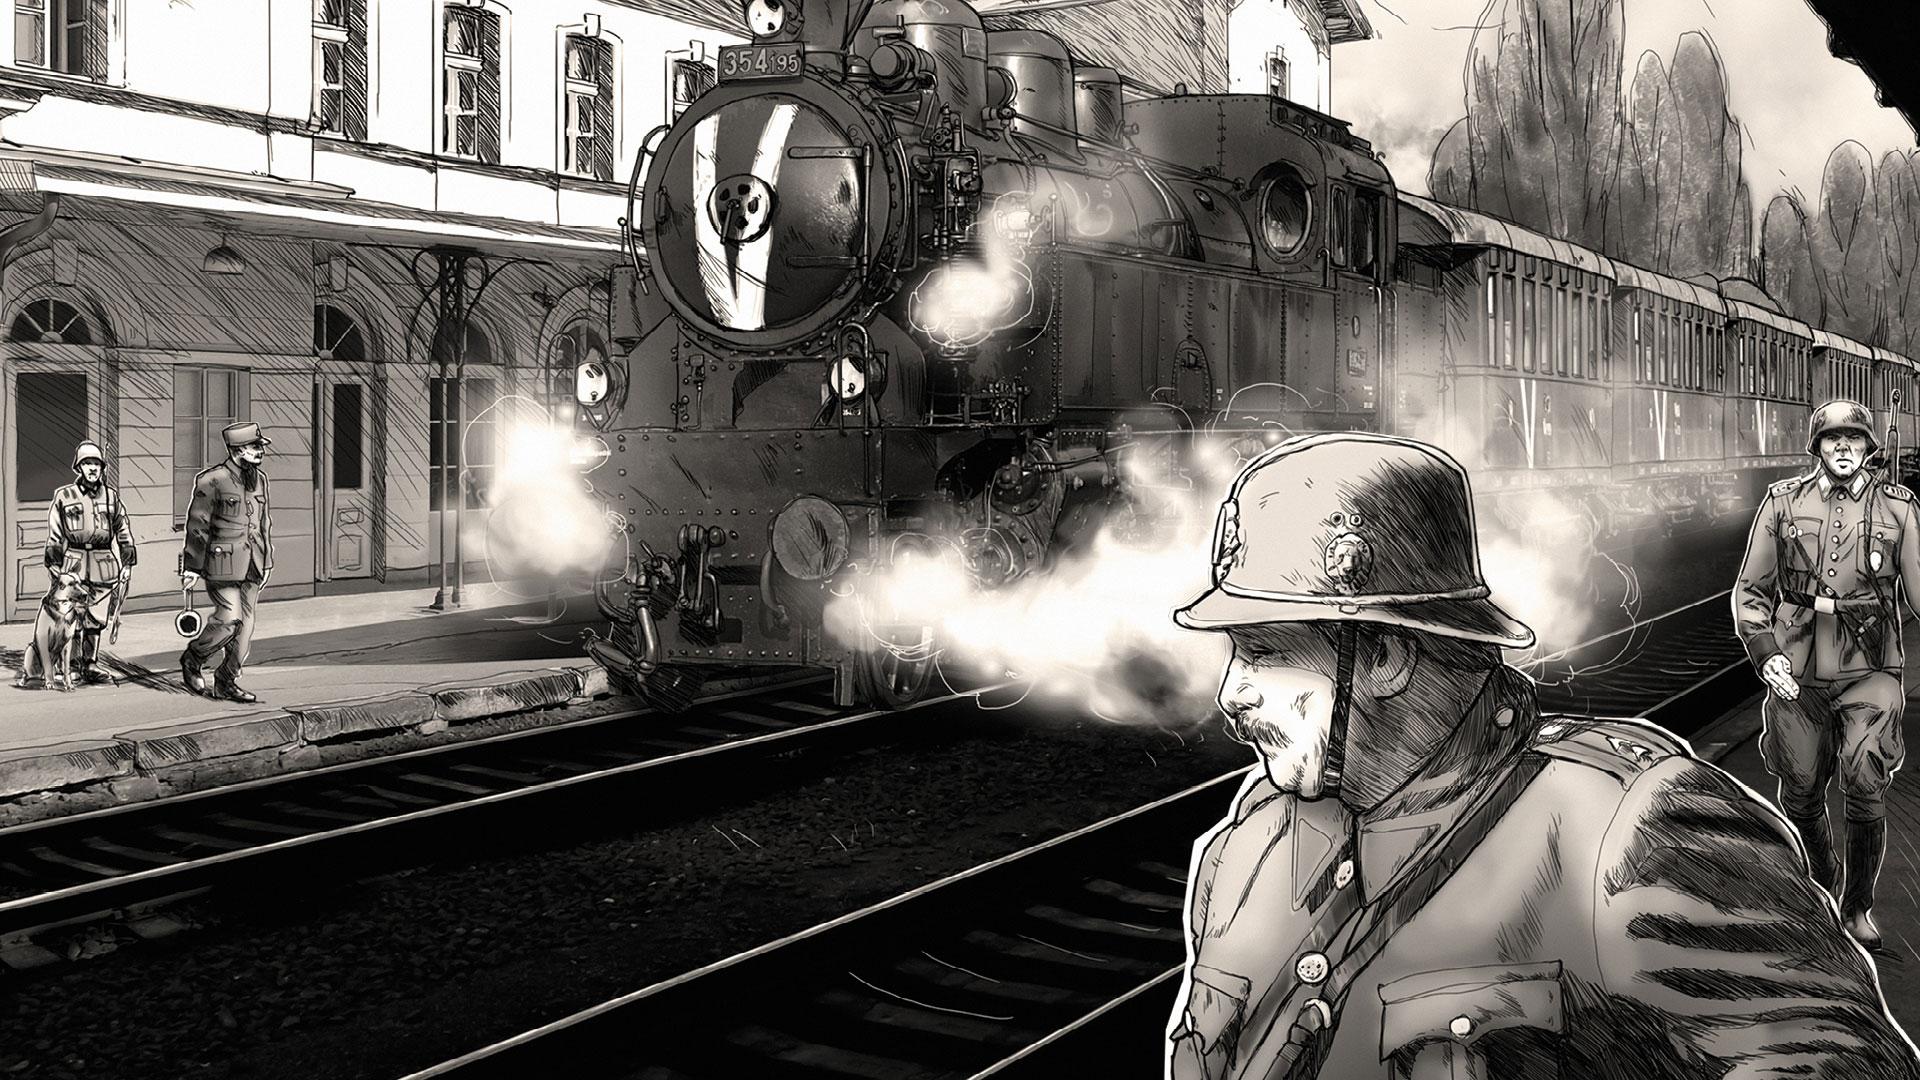 Vzdělávající hra Československo 38-89: Atentát se snaží zaujmout na Steamu ve vylepšené verzi 141166